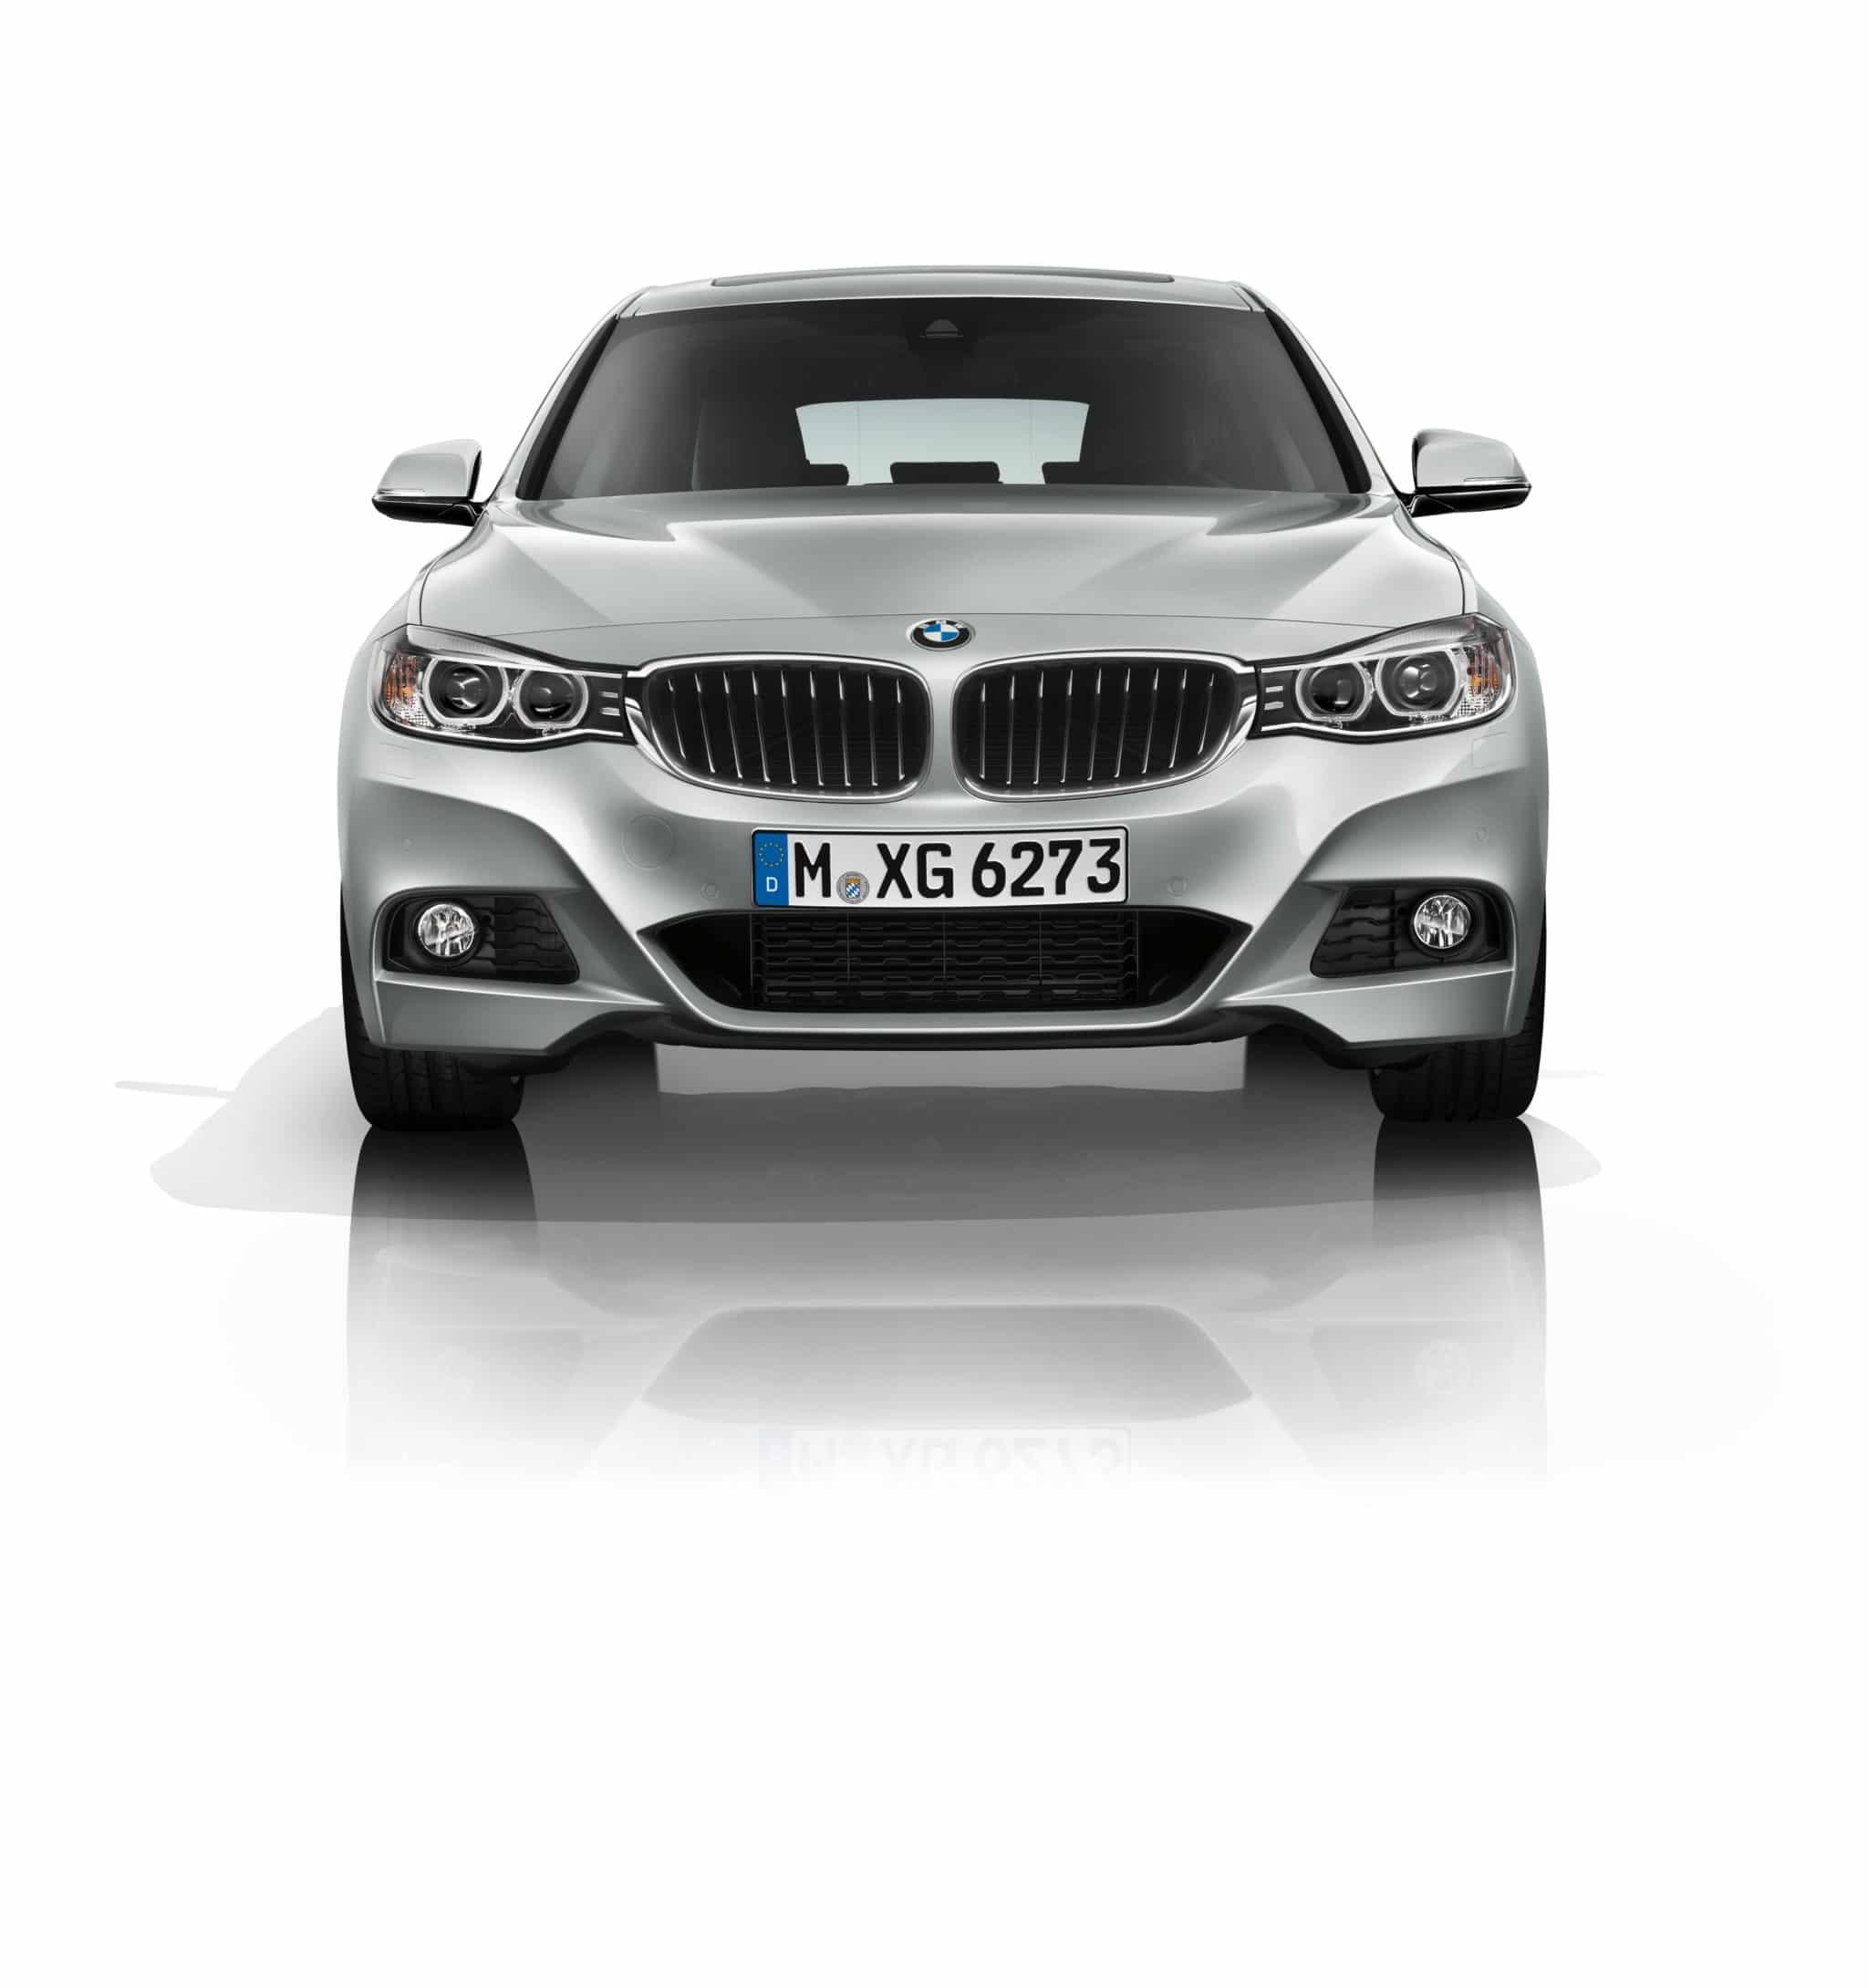 BMW Serie 3 Gran Turismo: potenza e bassi consumi, cura per il dettaglio e comfort